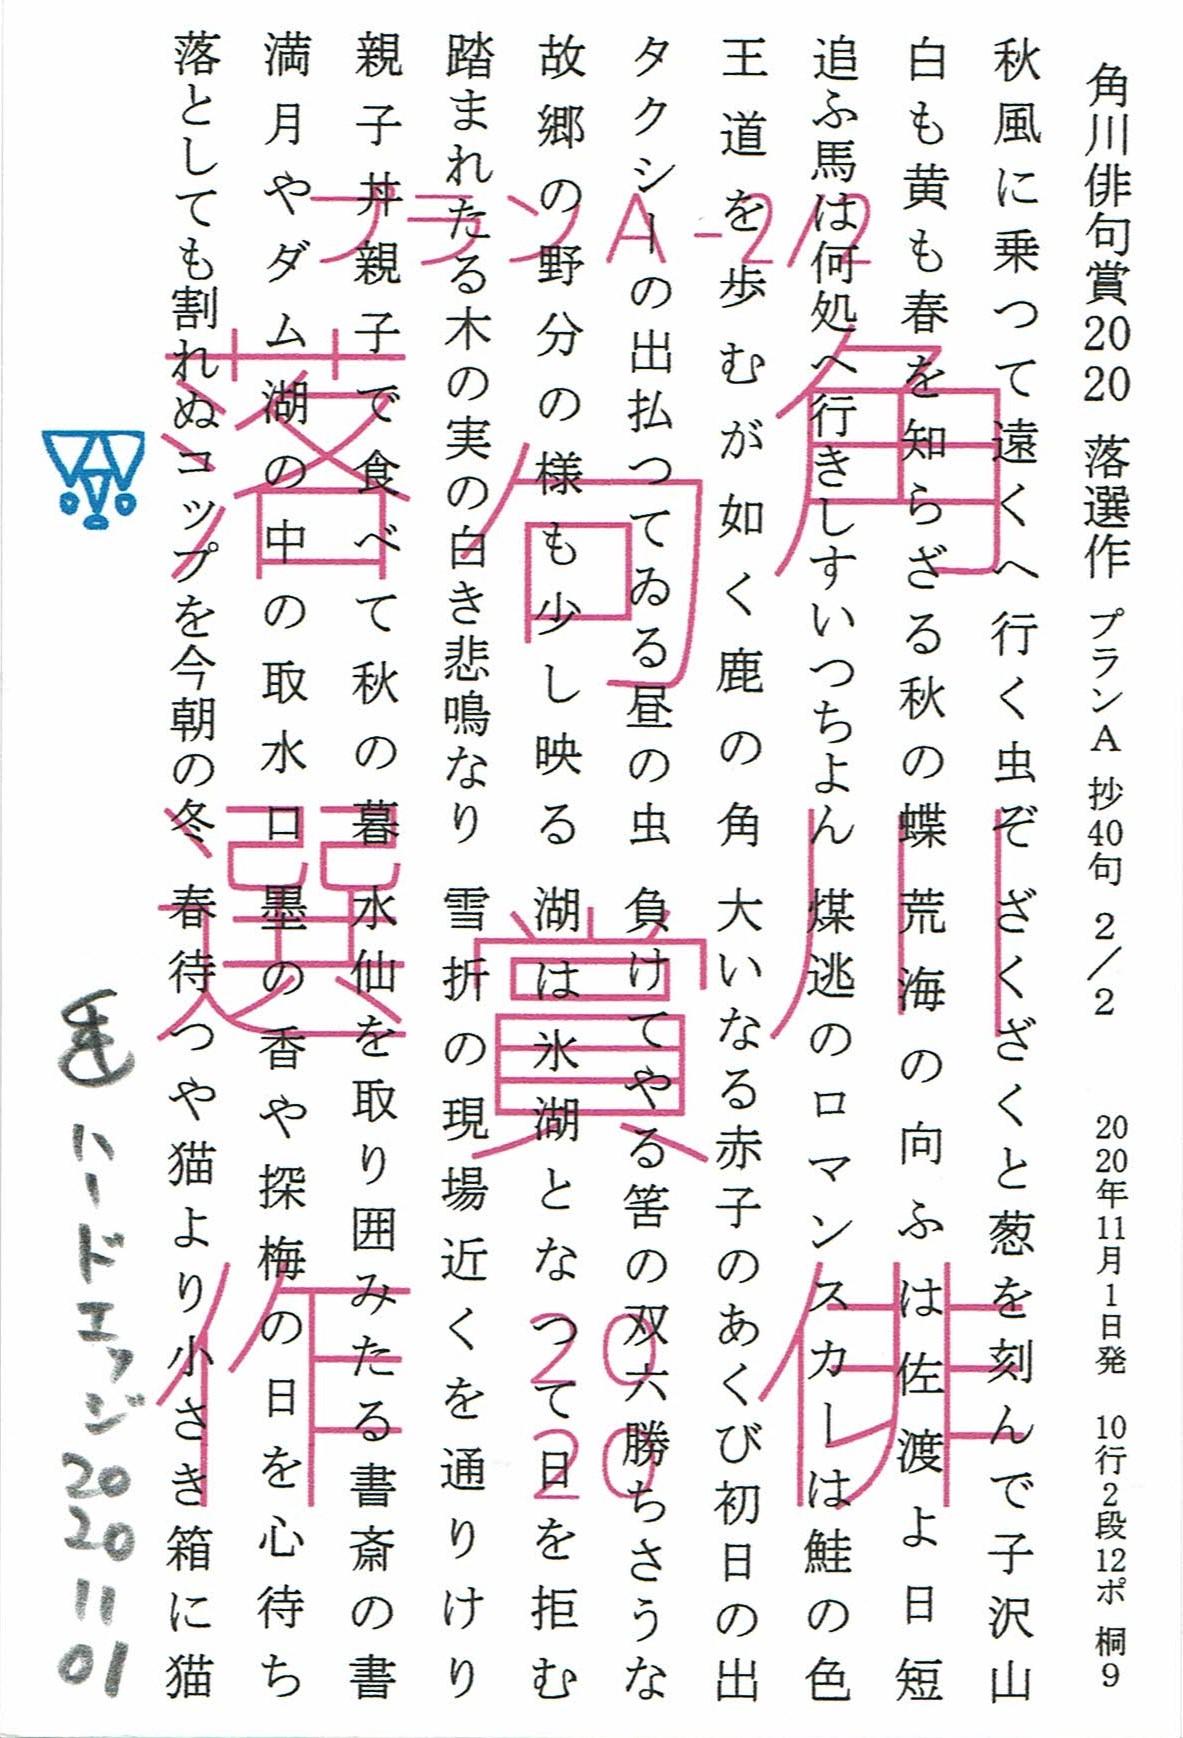 角川俳句賞 落選葉書 2